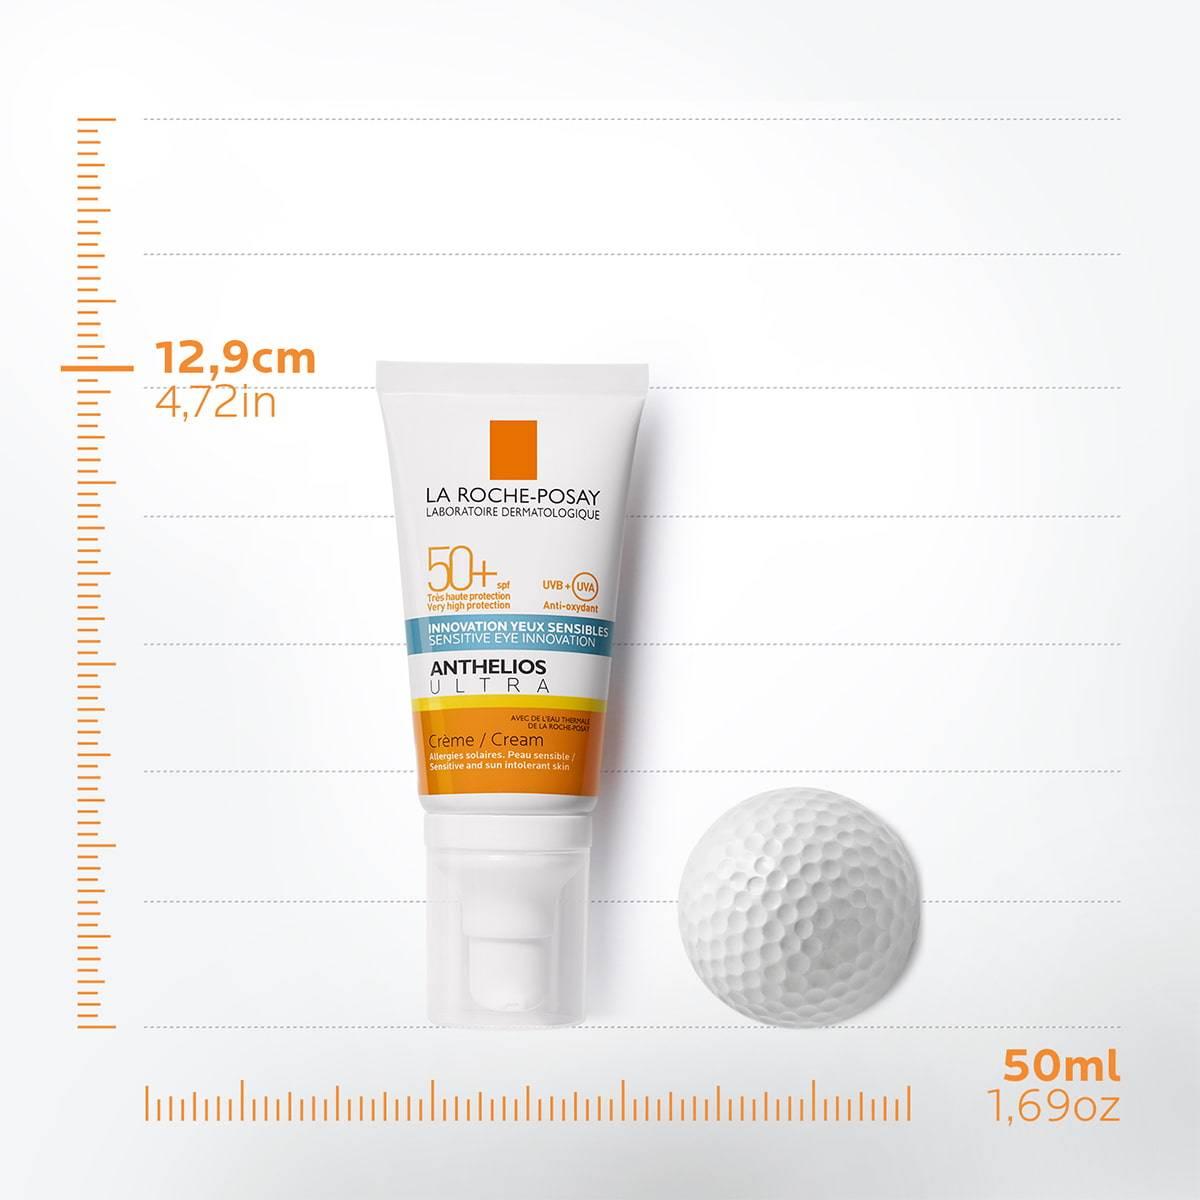 Confezione Anthelios ultra face cream SPF50+ da 50ml con pallina da golf accanto su assi cartesiani che indicano 12,9cm di altezza